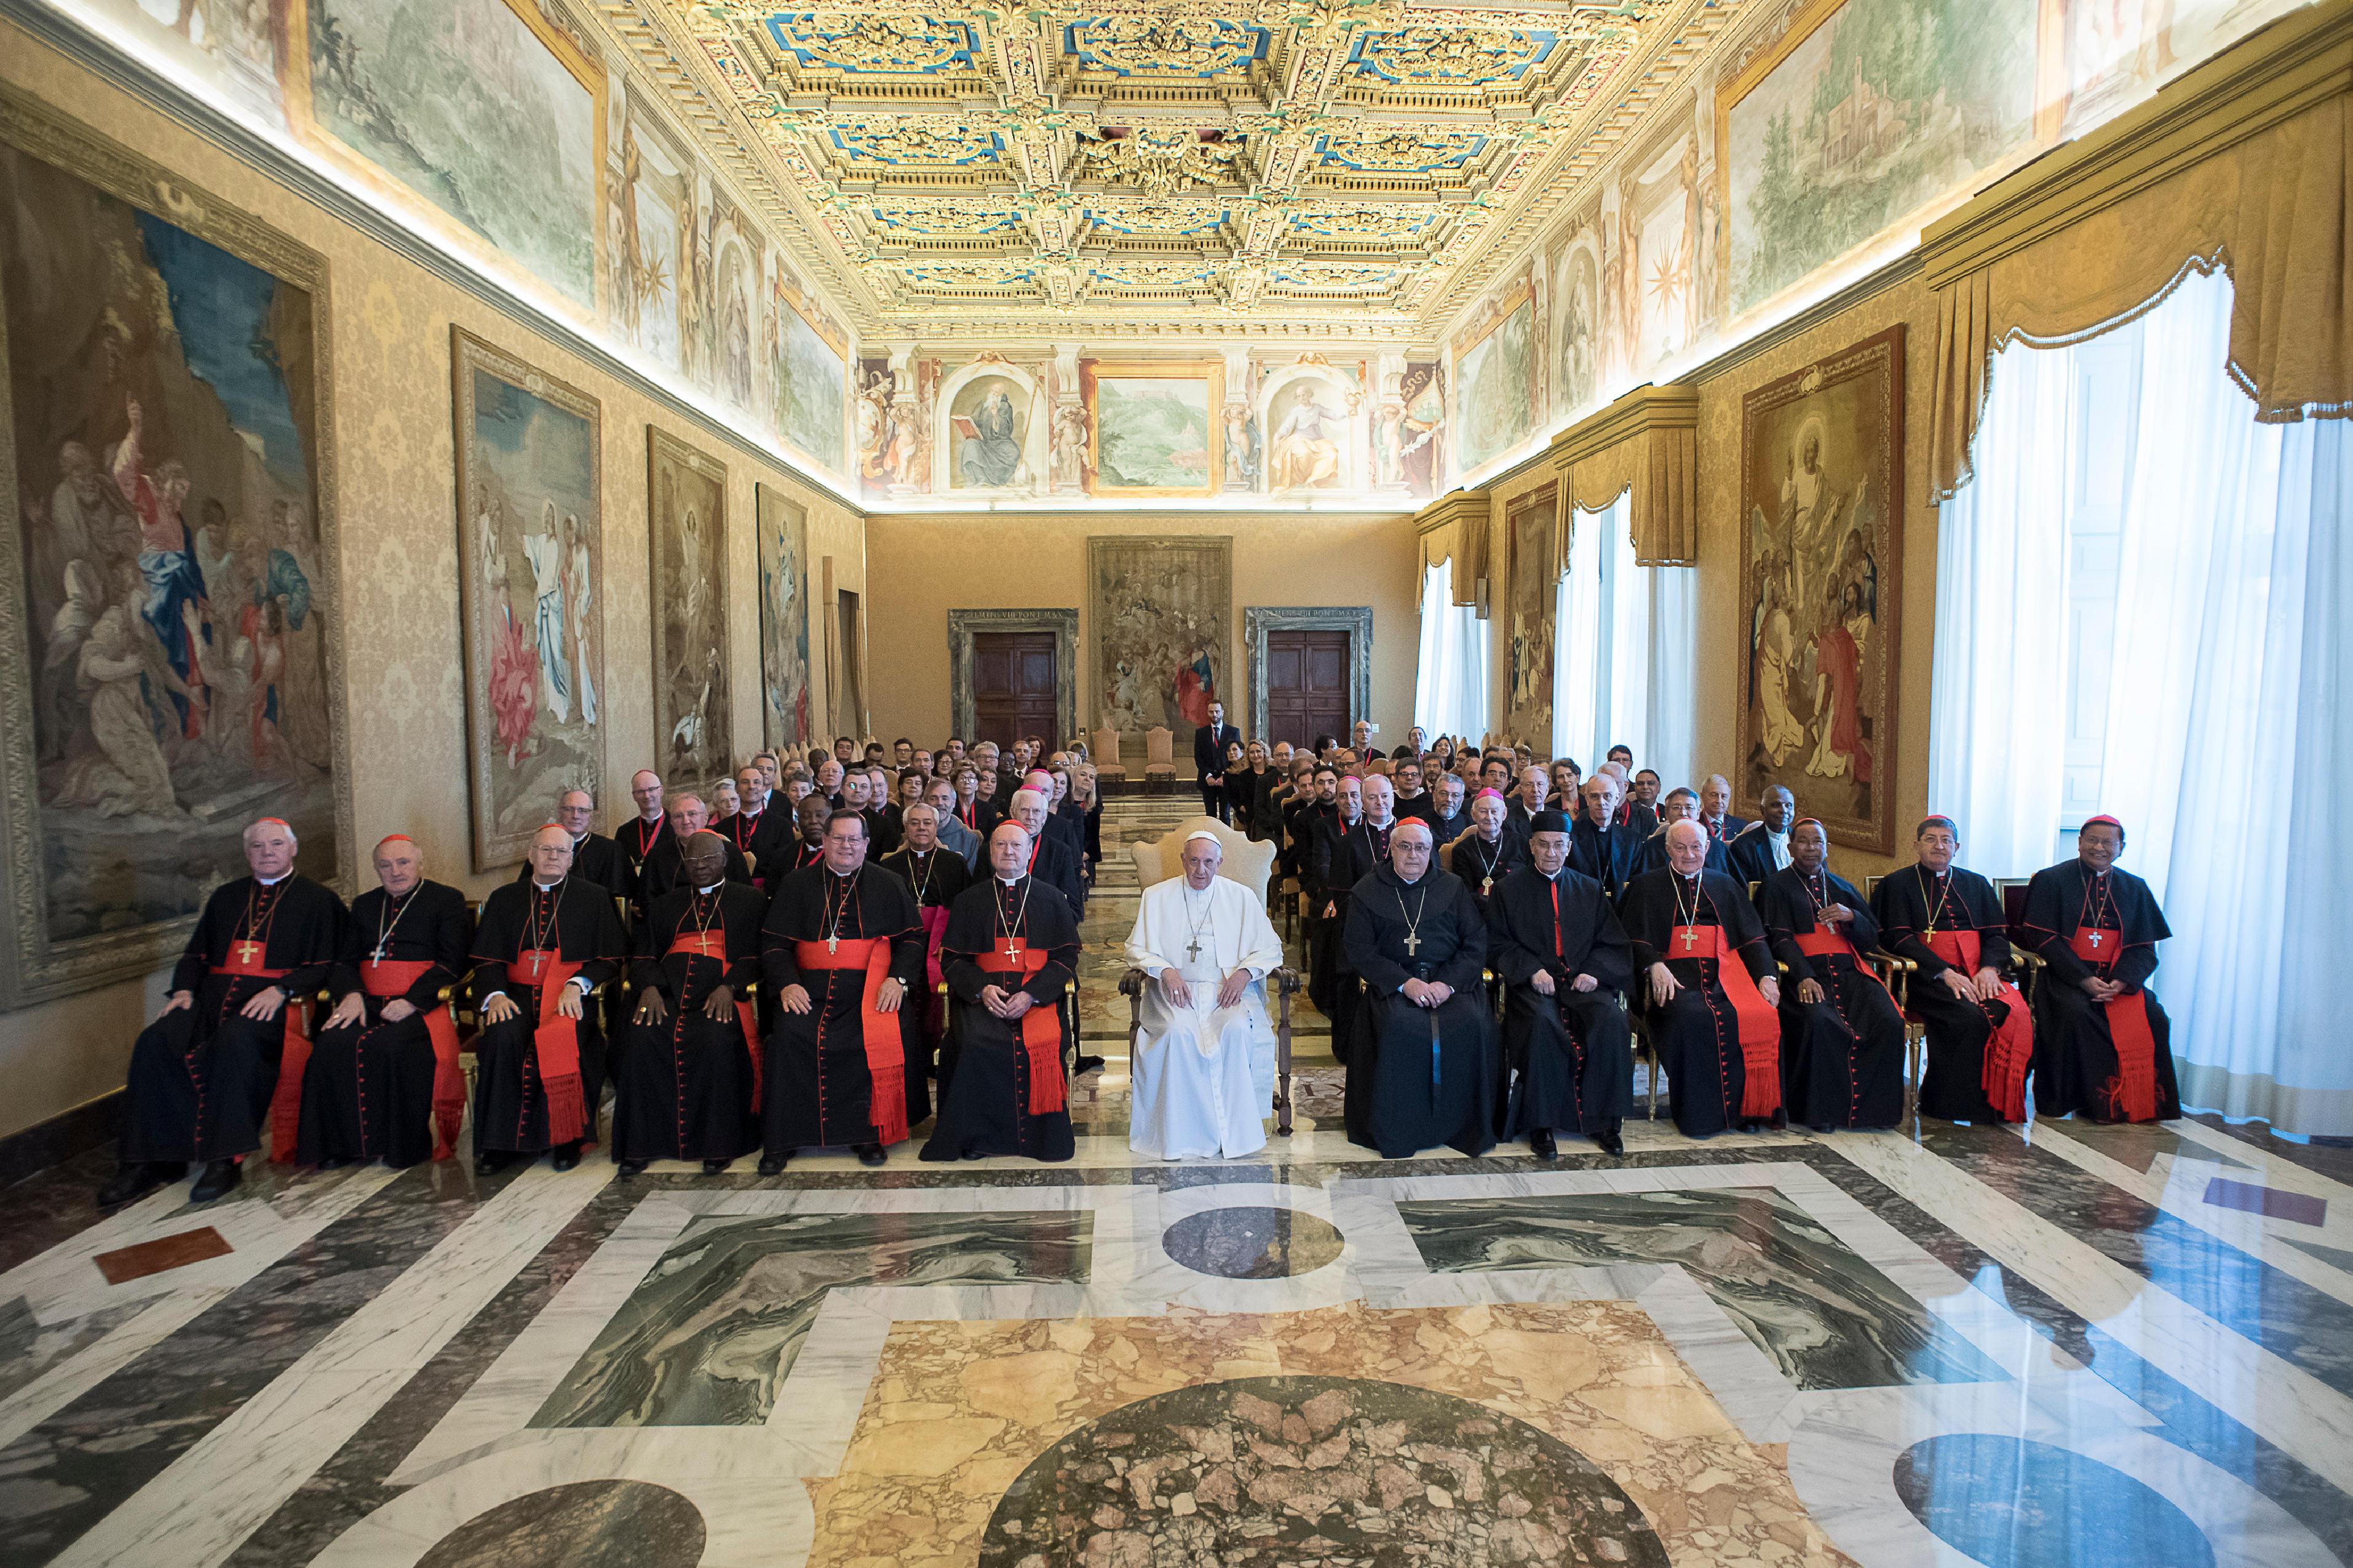 Assemblée du Conseil pontifical de la culture © L'Osservatore Romano